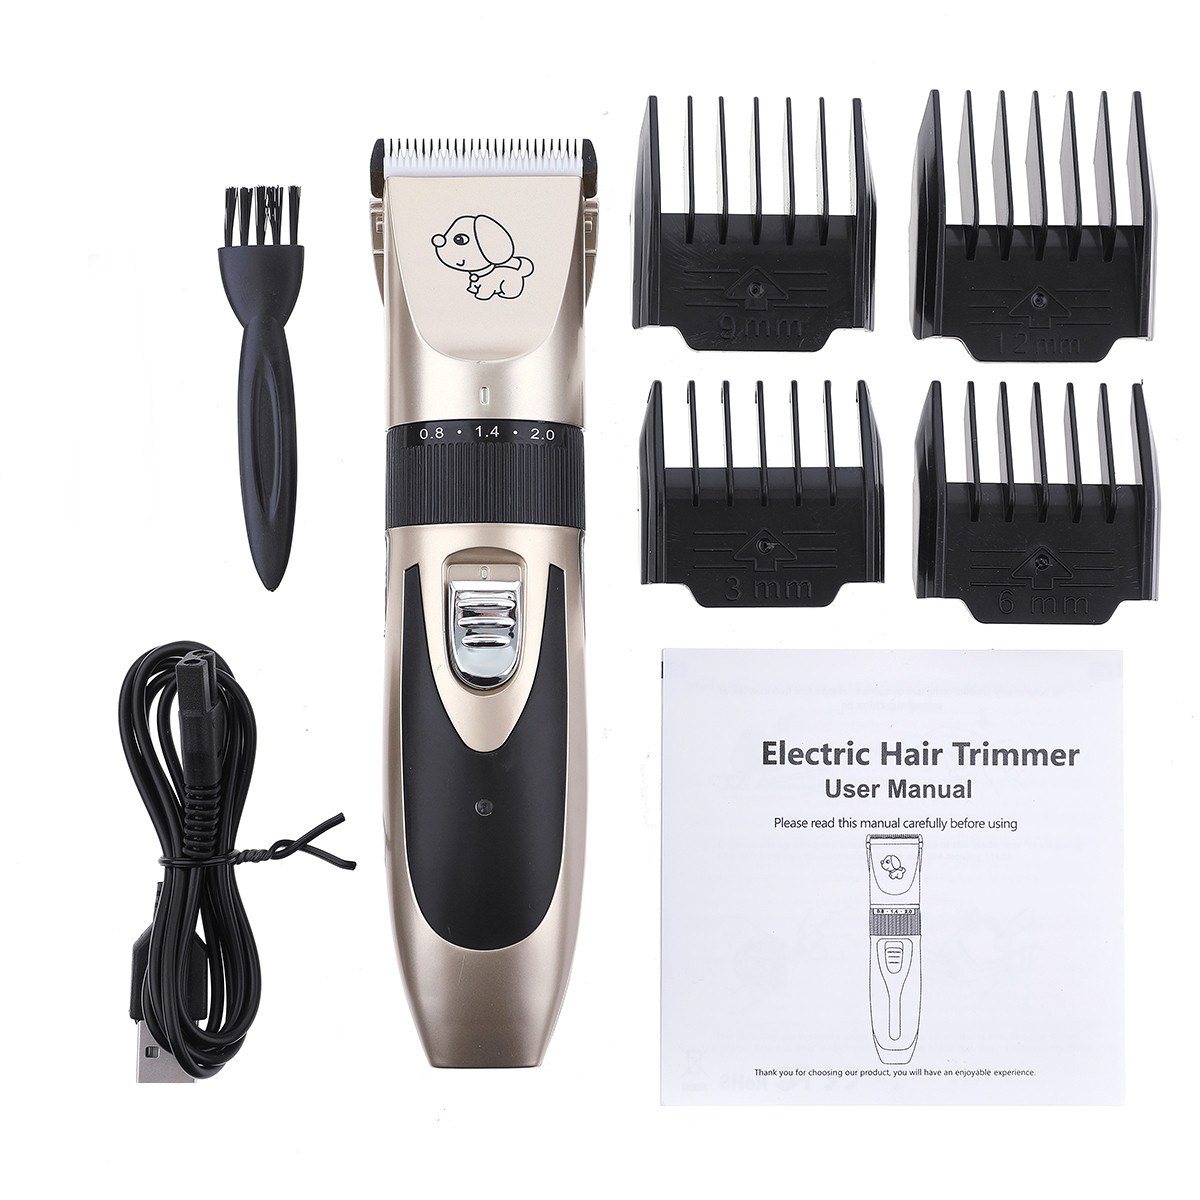 Аккумуляторная электрическая машинка для стрижки домашних животных Собака Кот Волосы Триммер